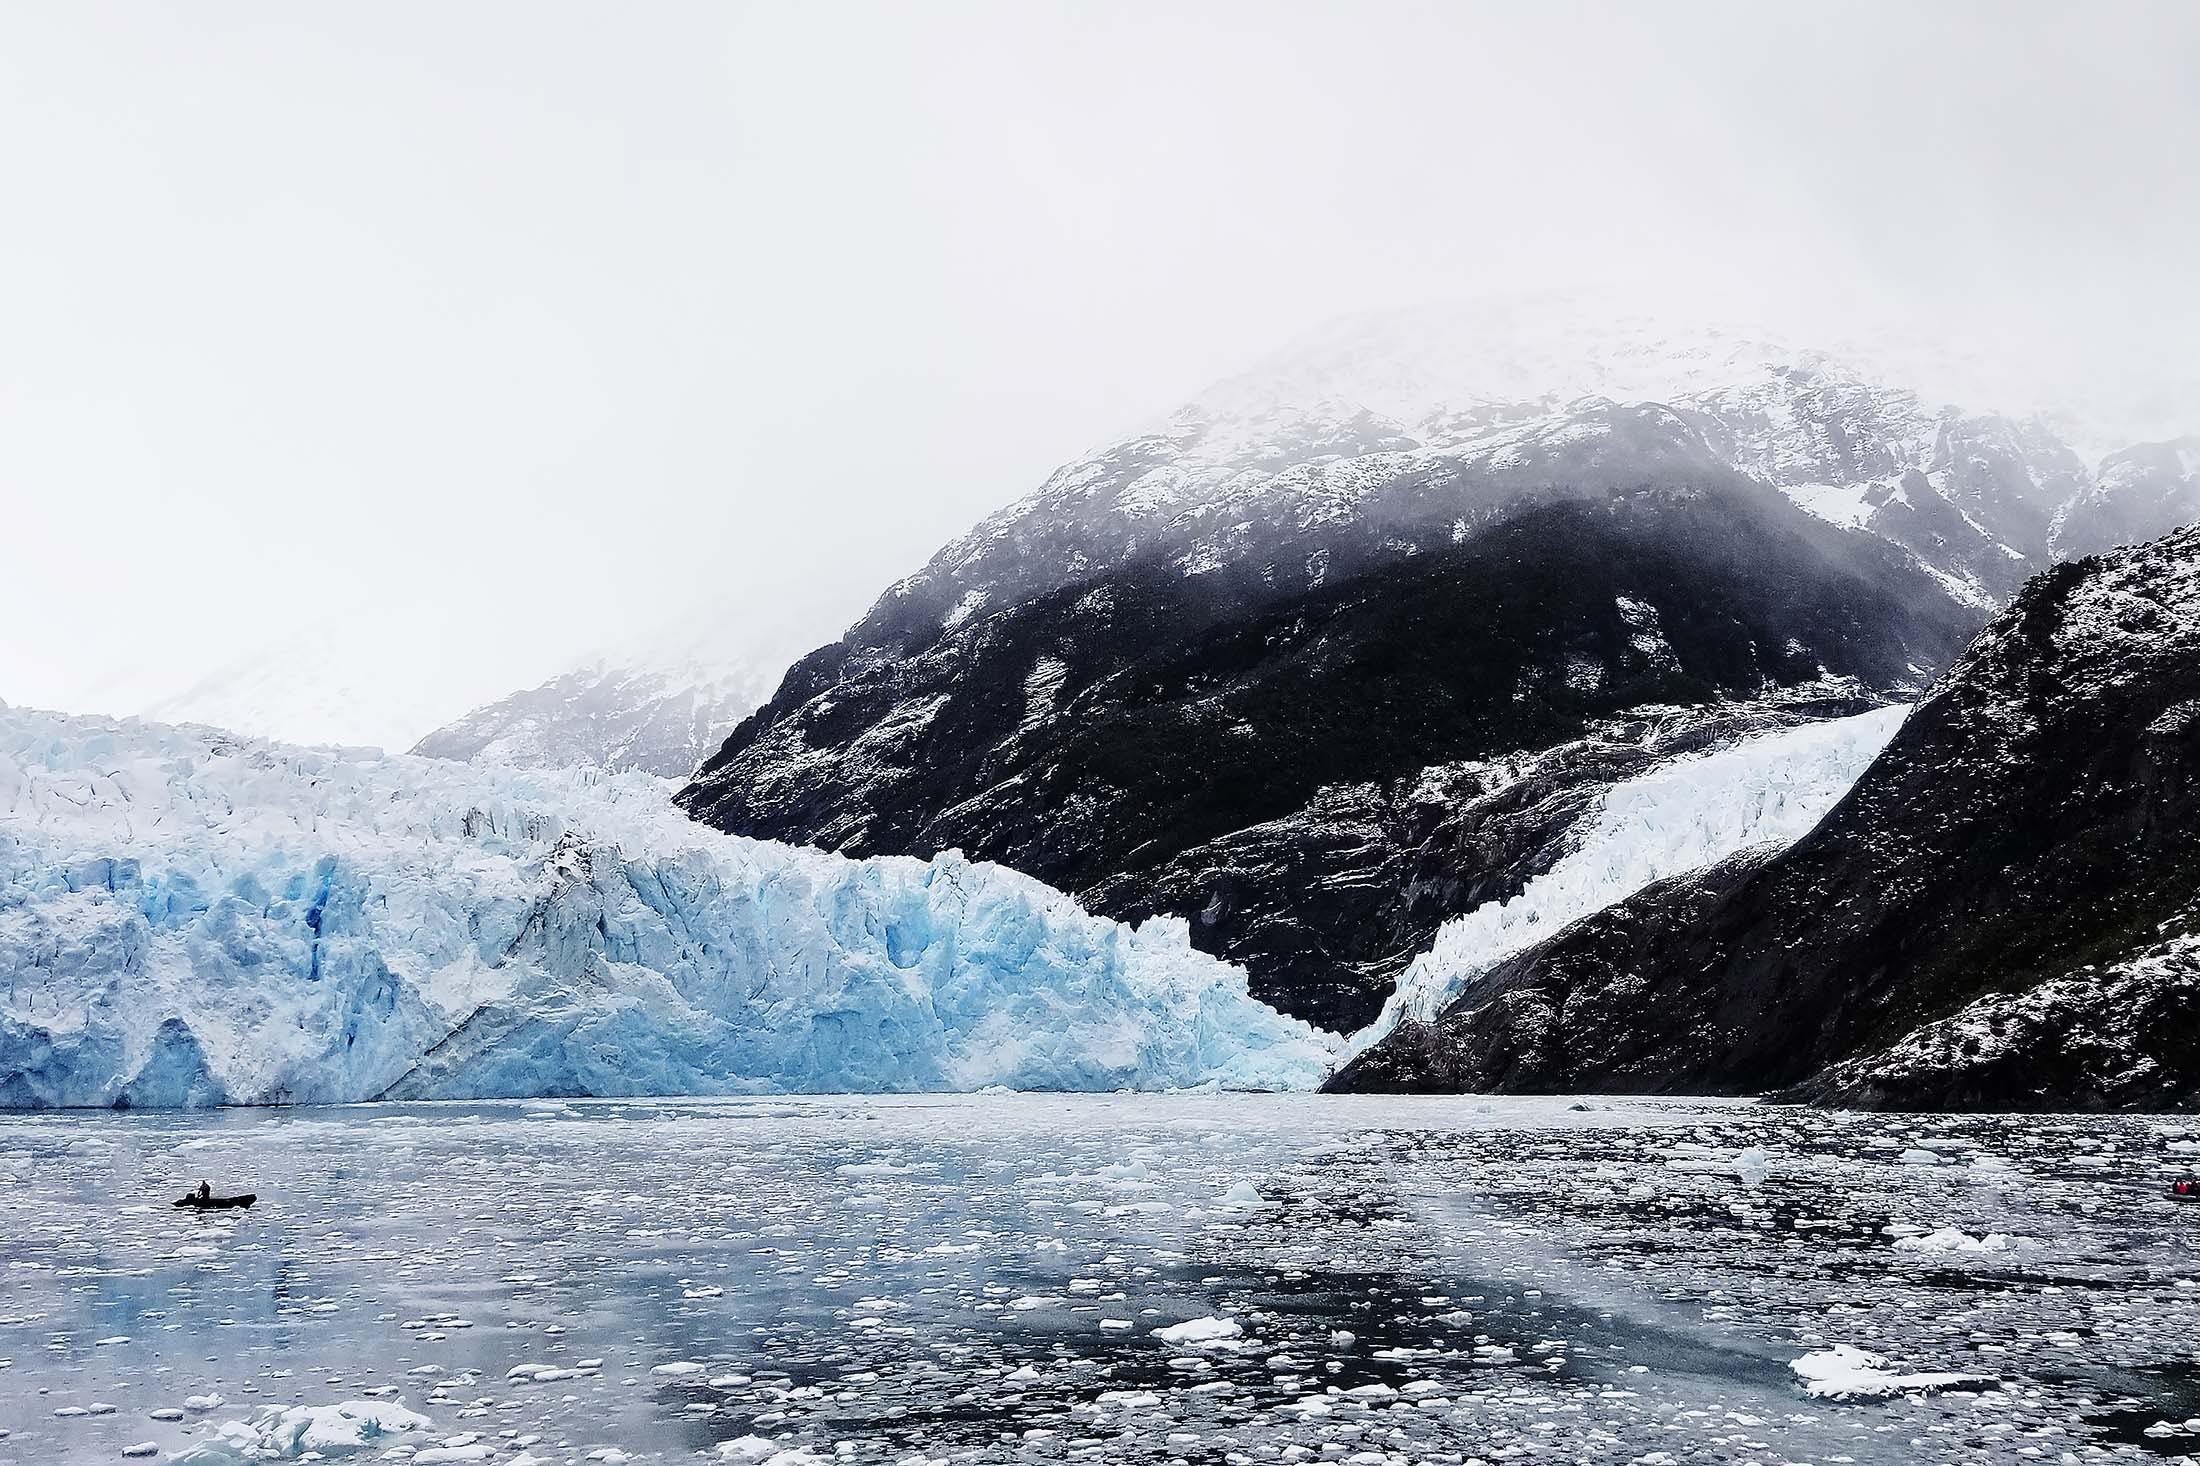 glaciers in Chile's fjords